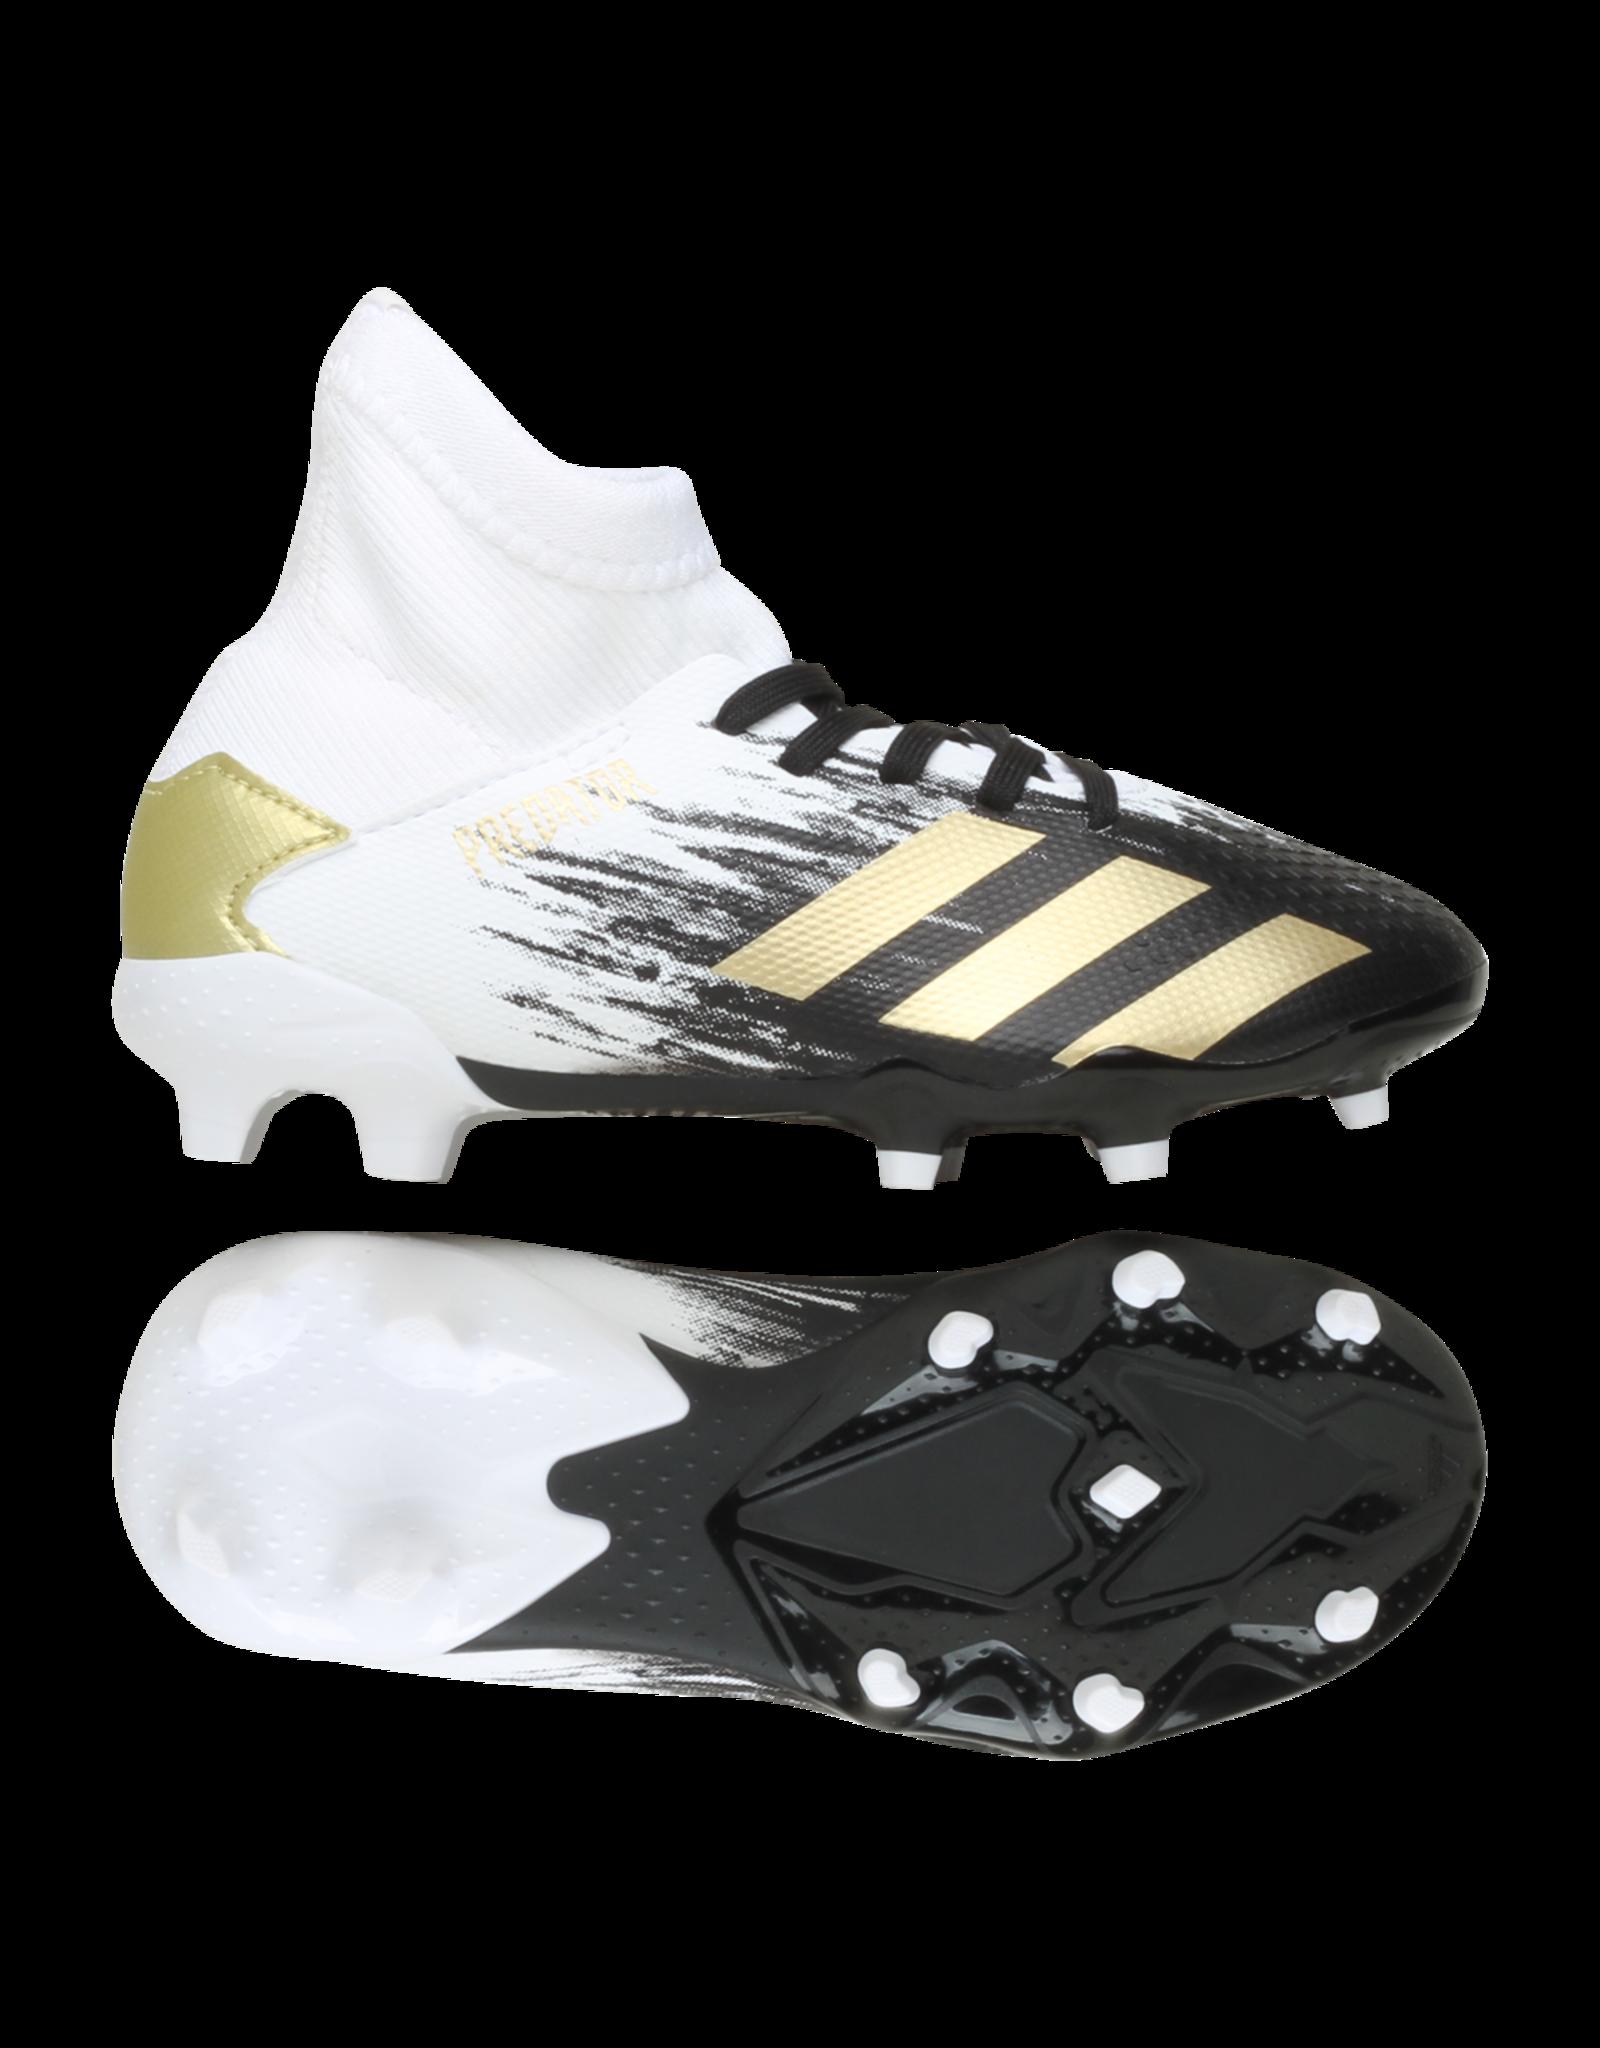 Adidas ADI PRED 20.3 FG (FTWWHT/GOLDMT/CBLACK)